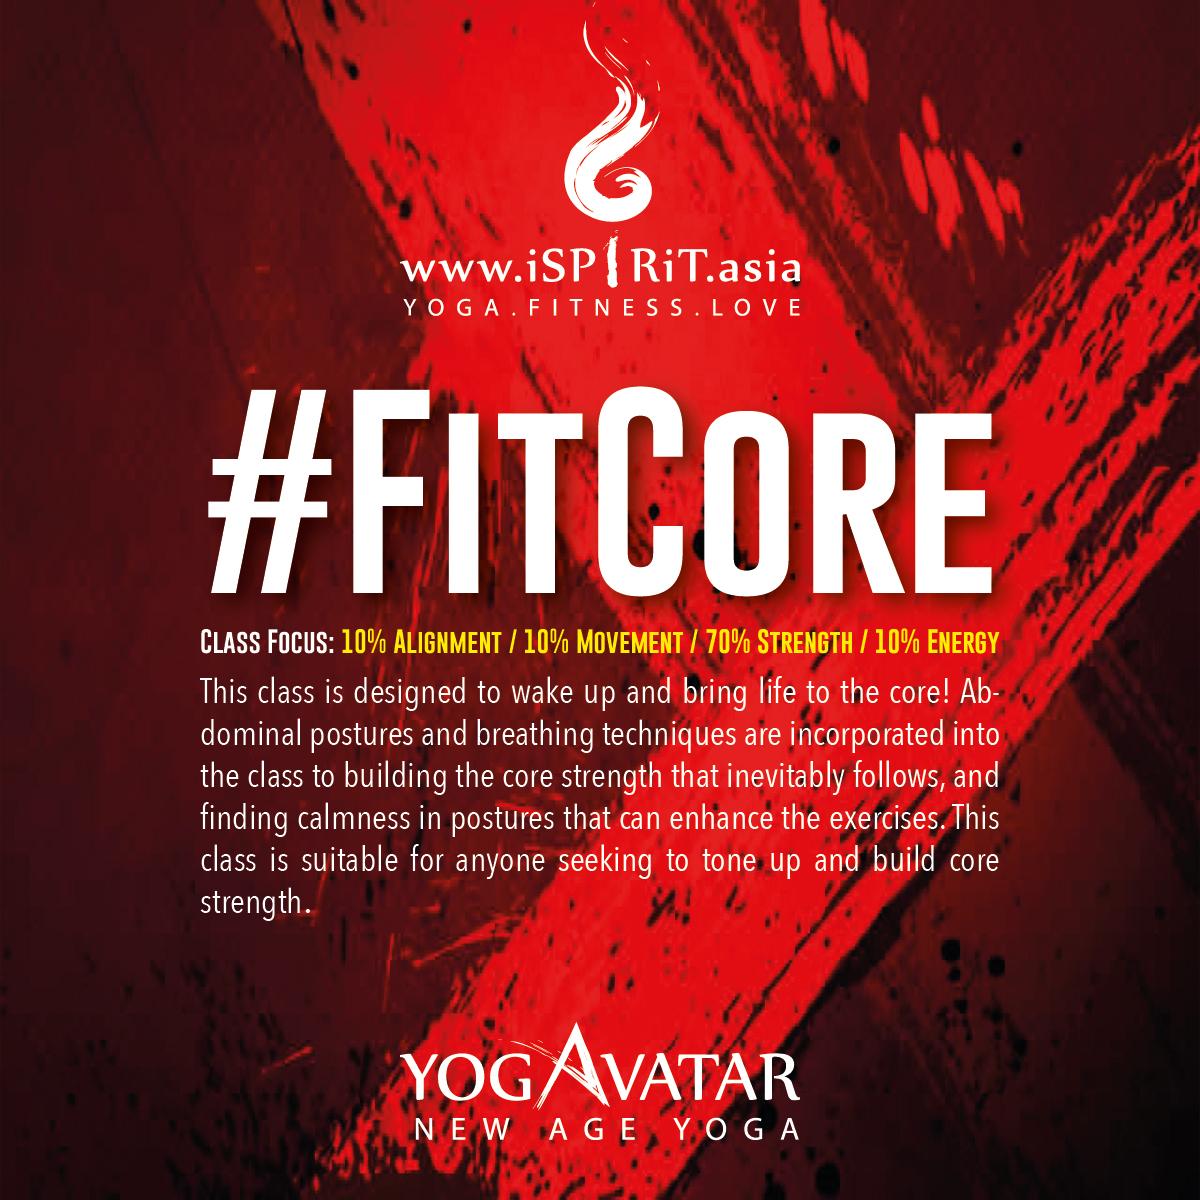 #FitCore